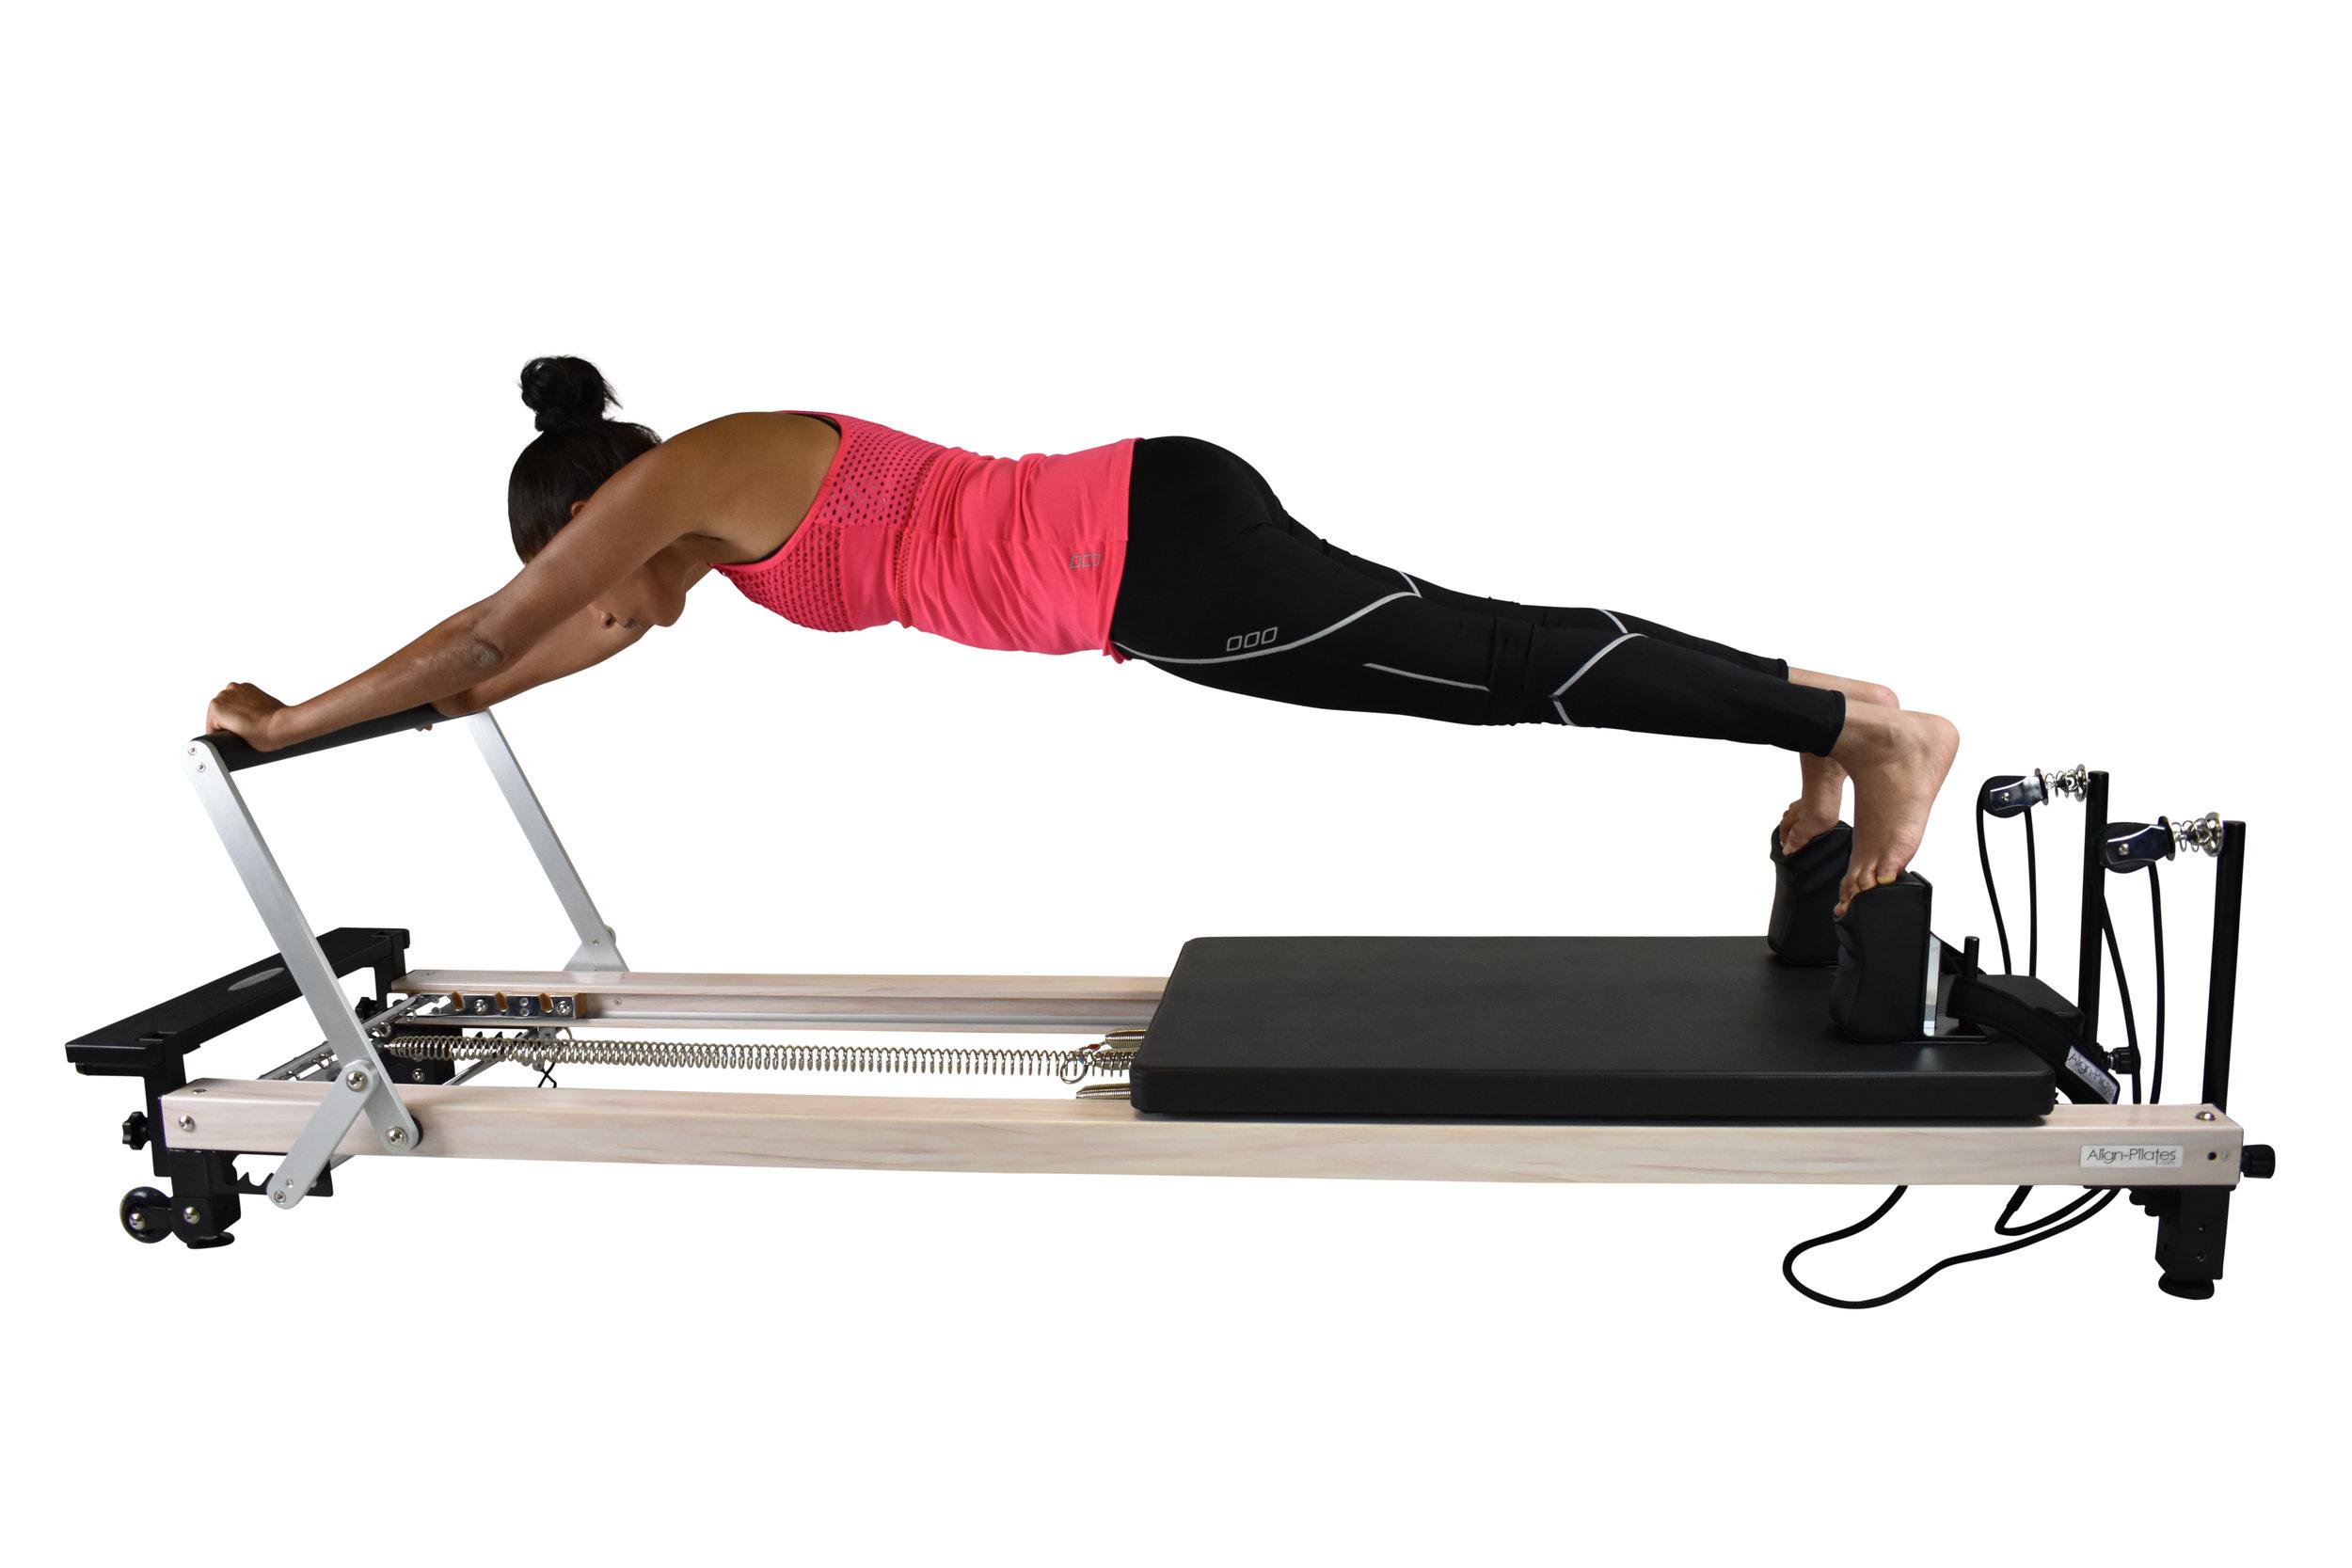 Align C2 pro pilates reformer - segment best travel